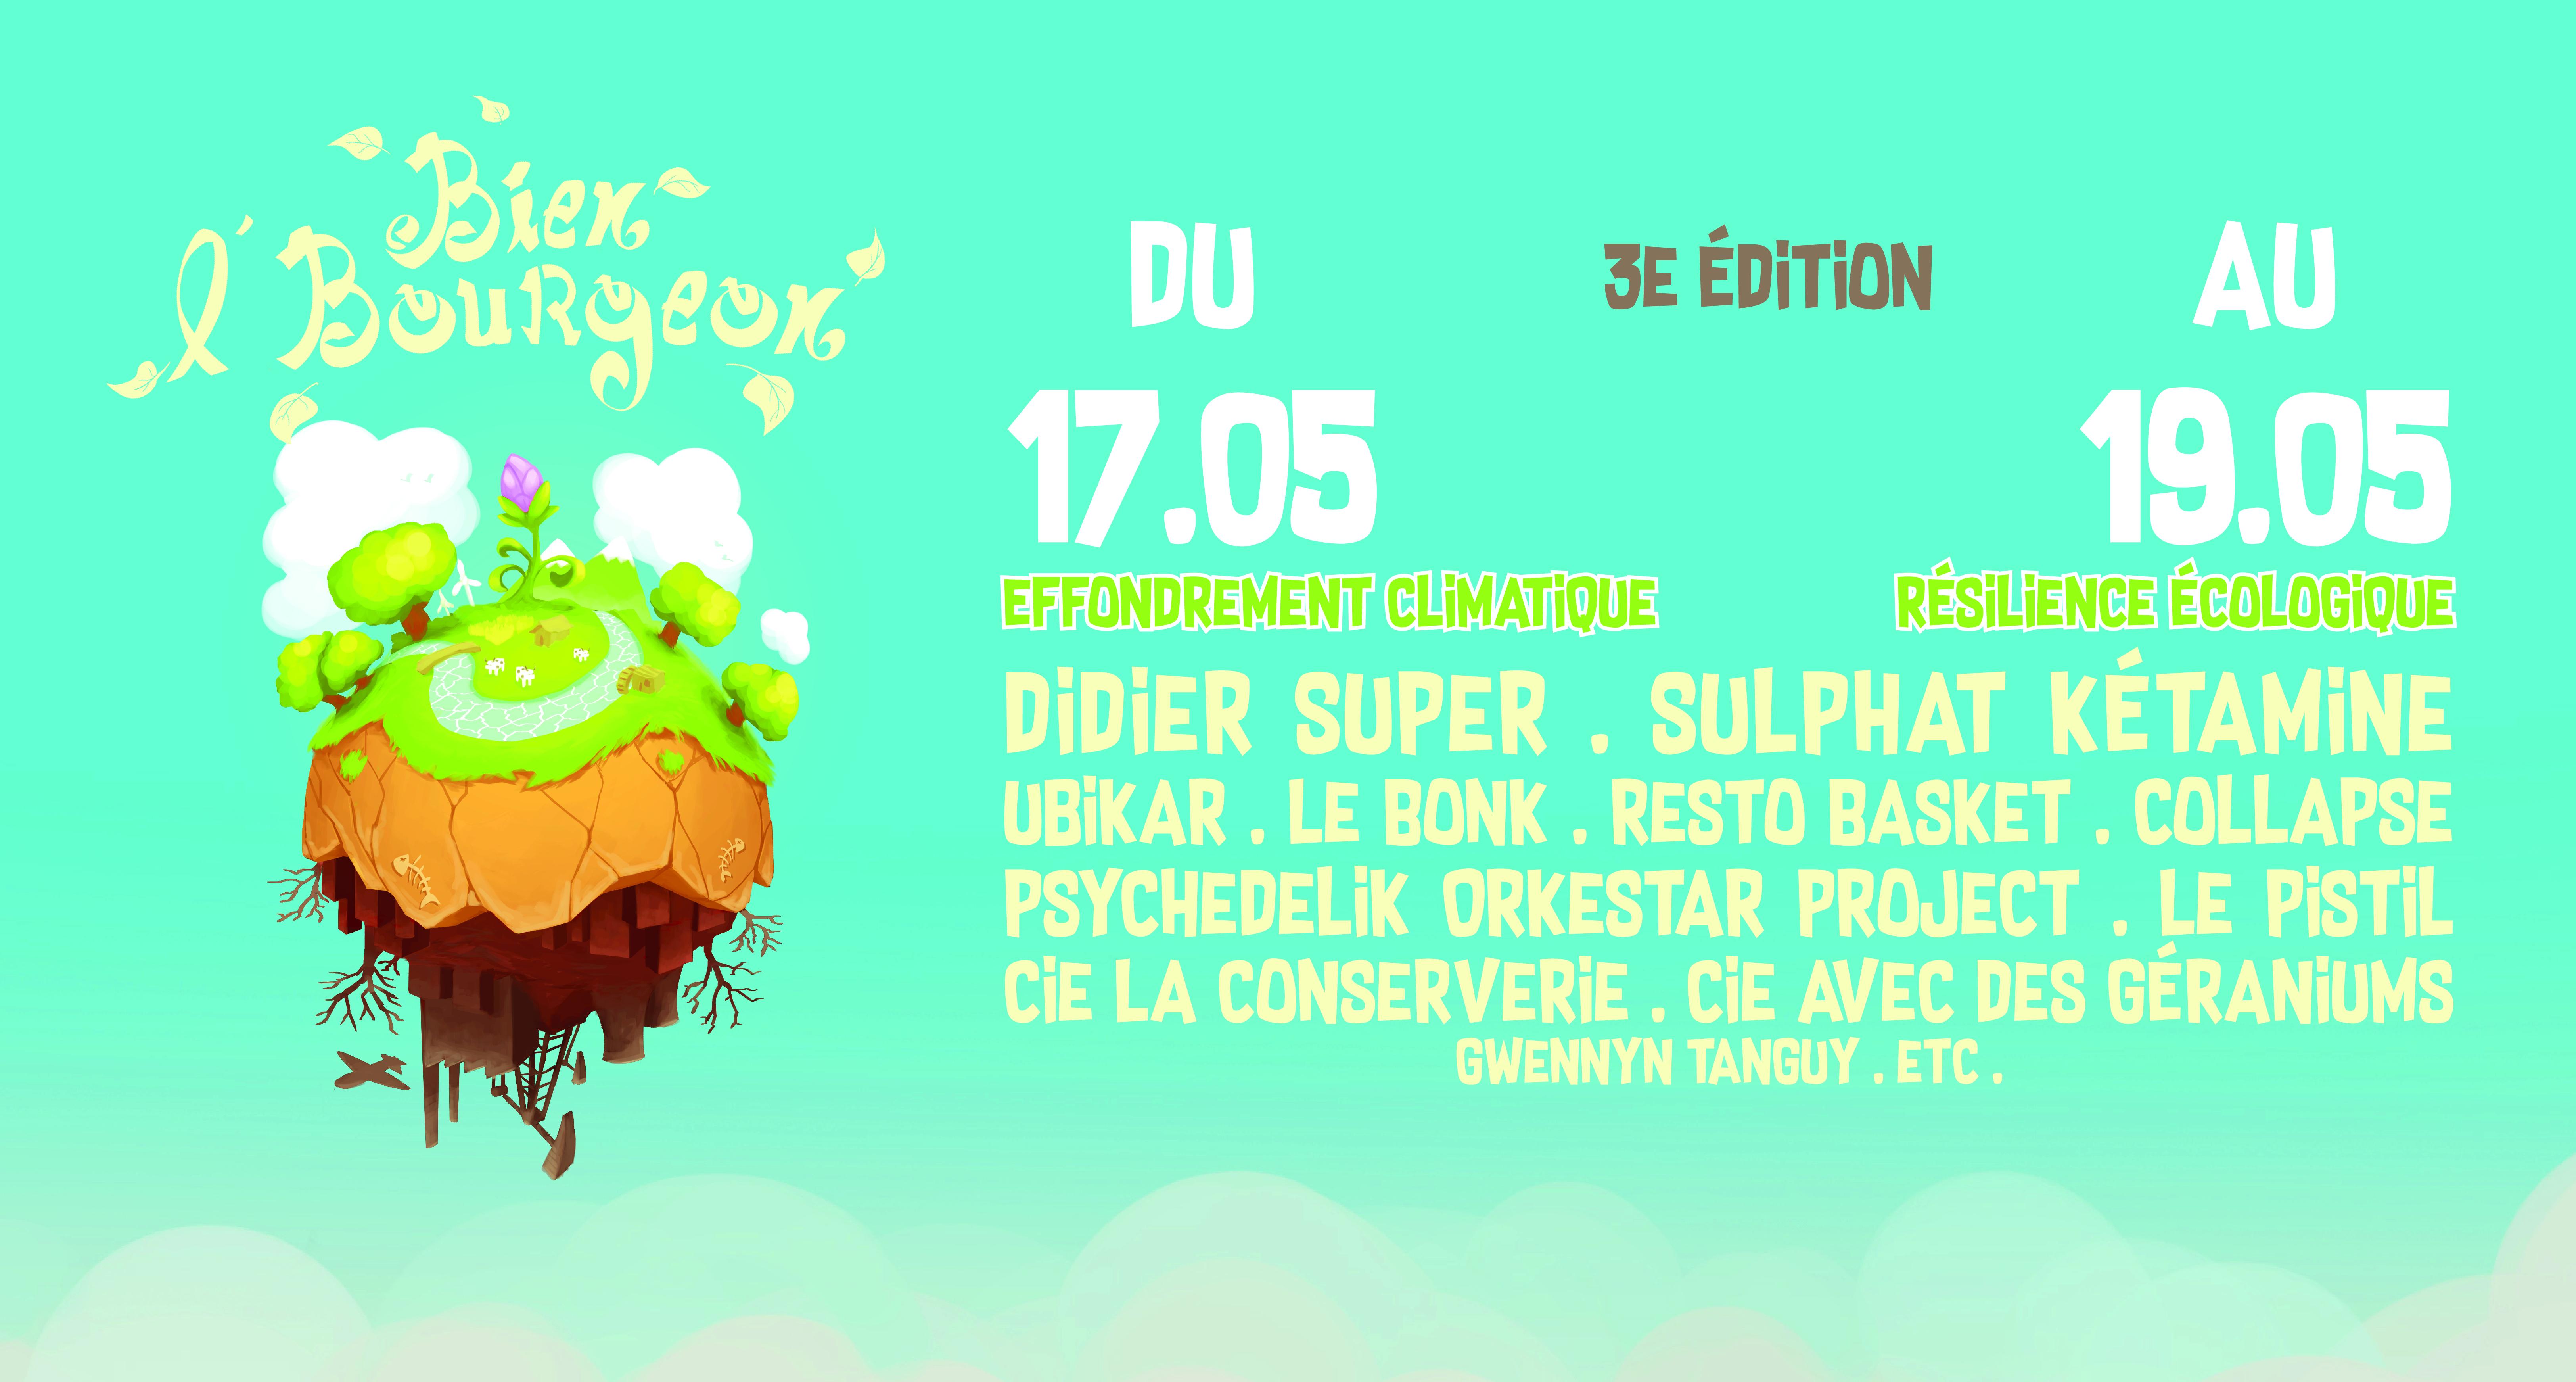 Festival Bien l'Bourgeon #3 - Mix'Arts - Grenoble